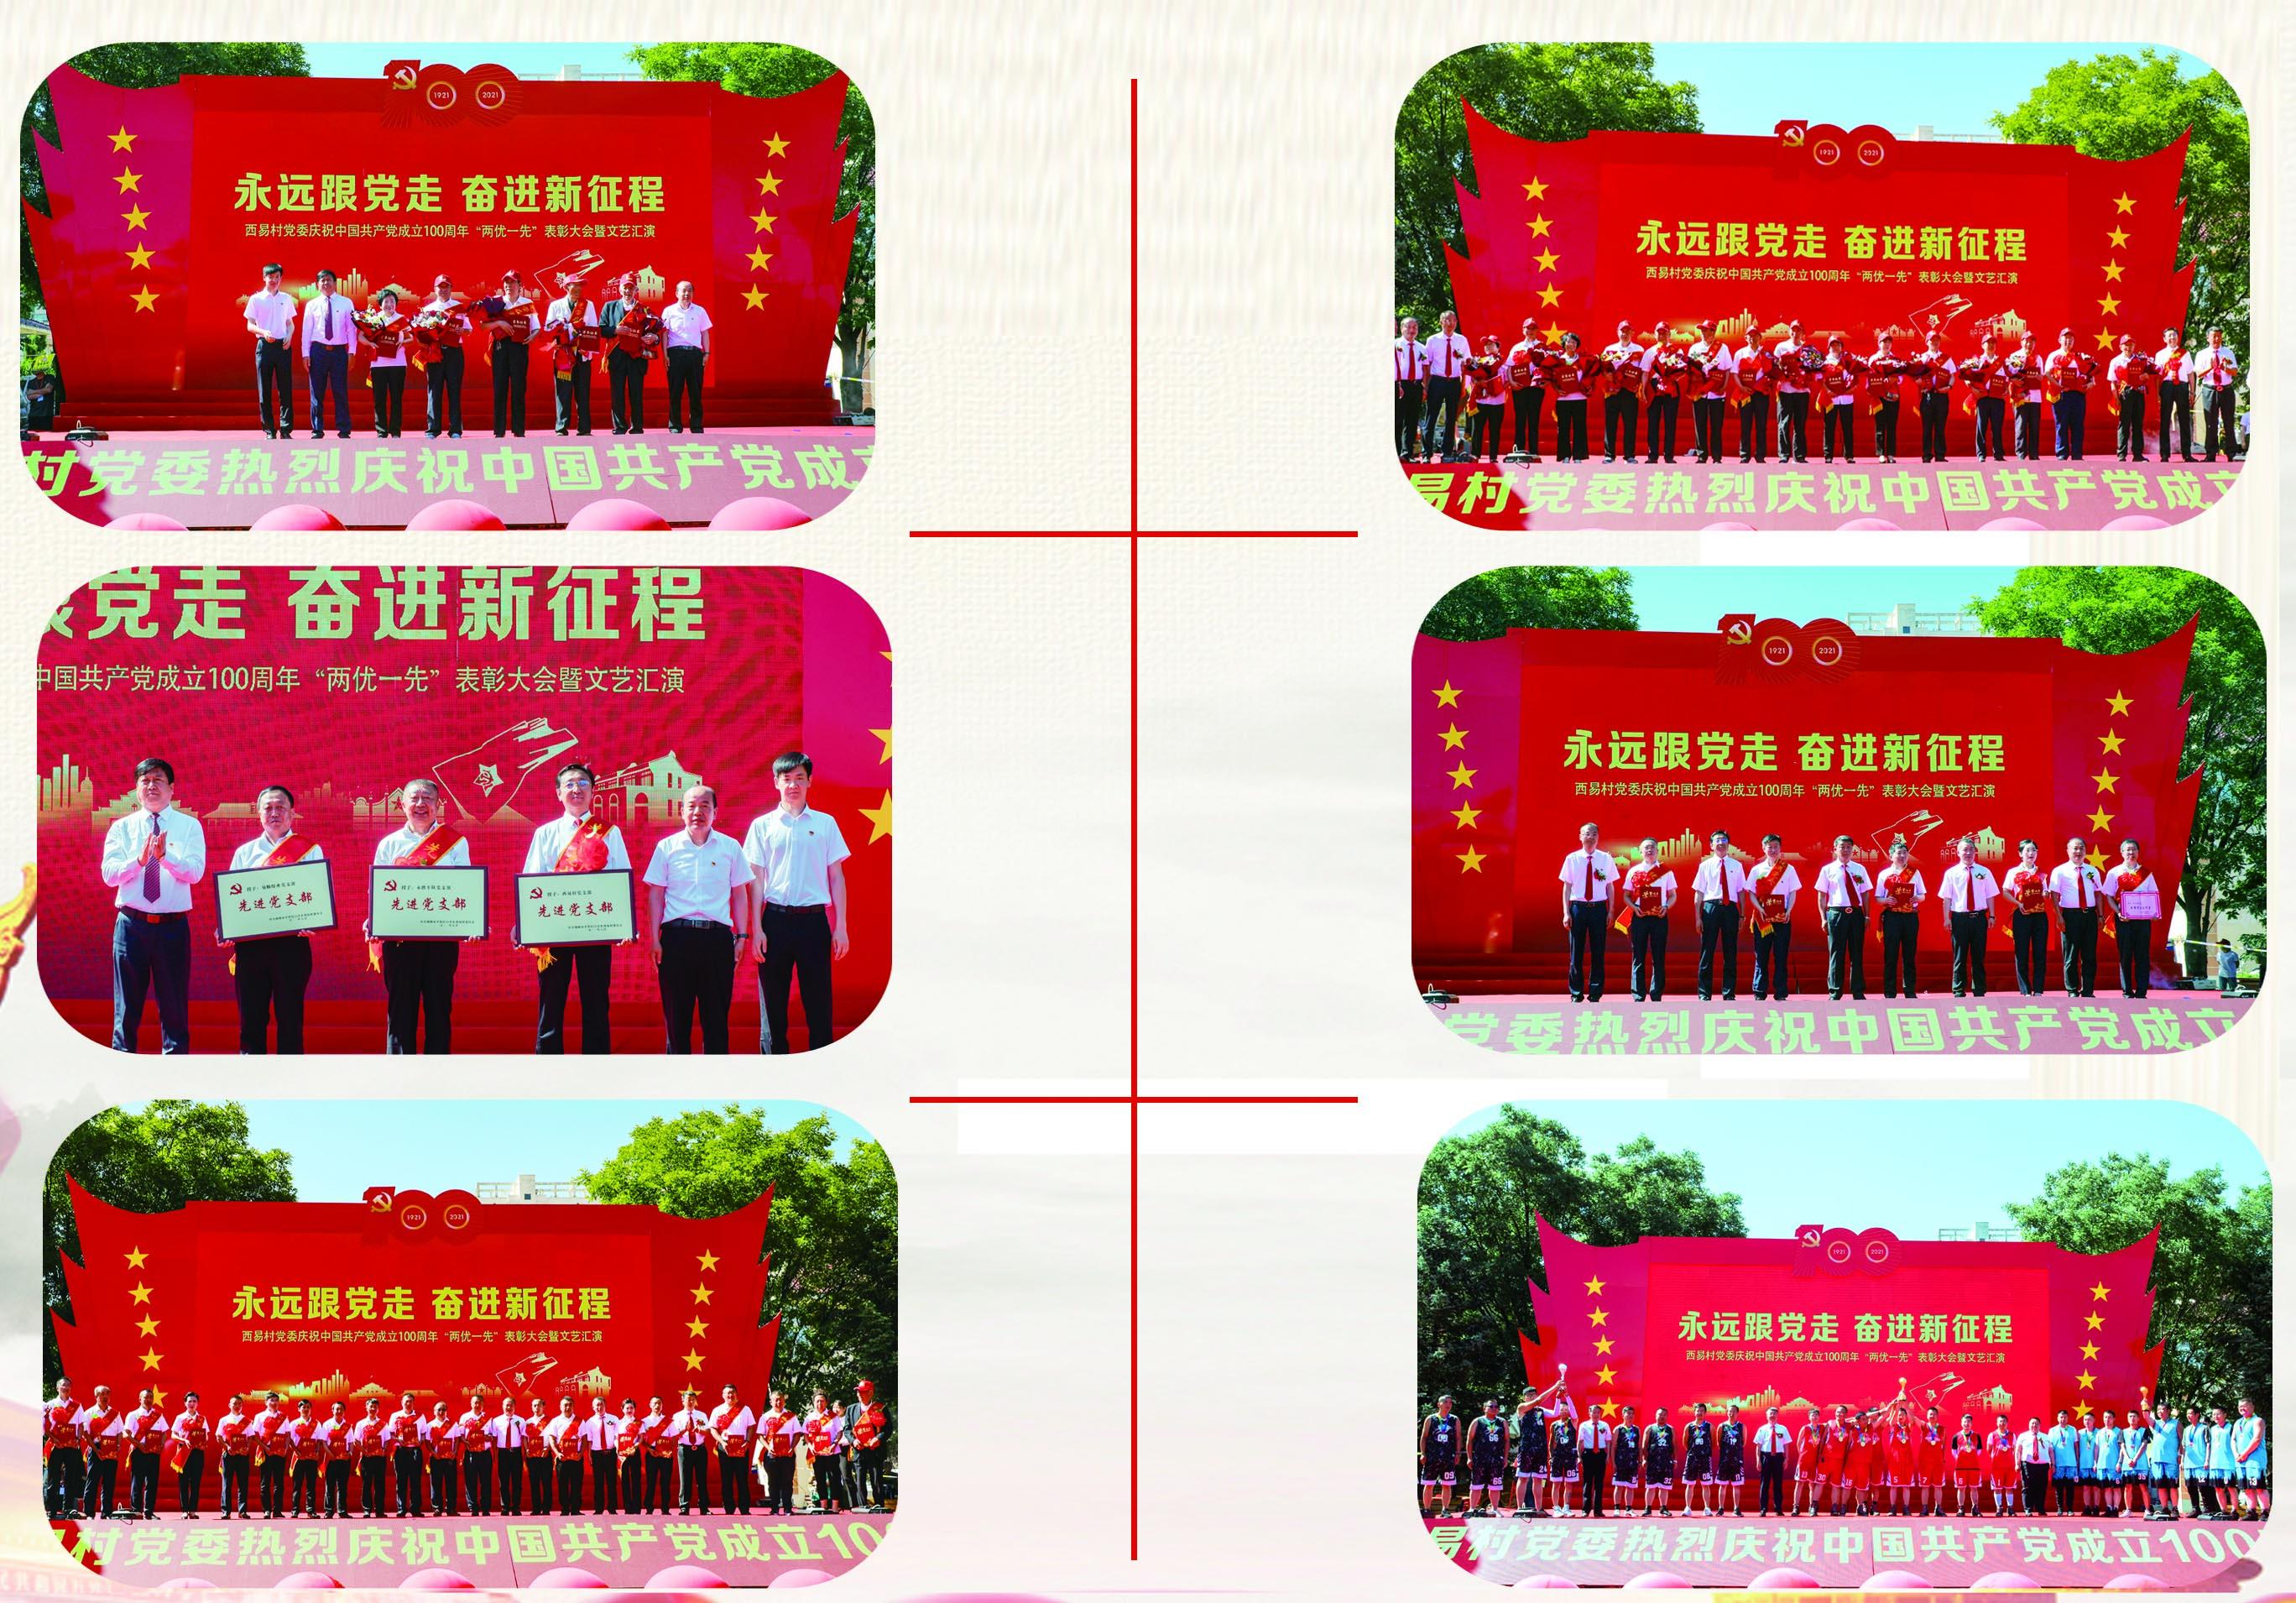 西易村黨委慶祝中國共產黨成立100周年表彰名單